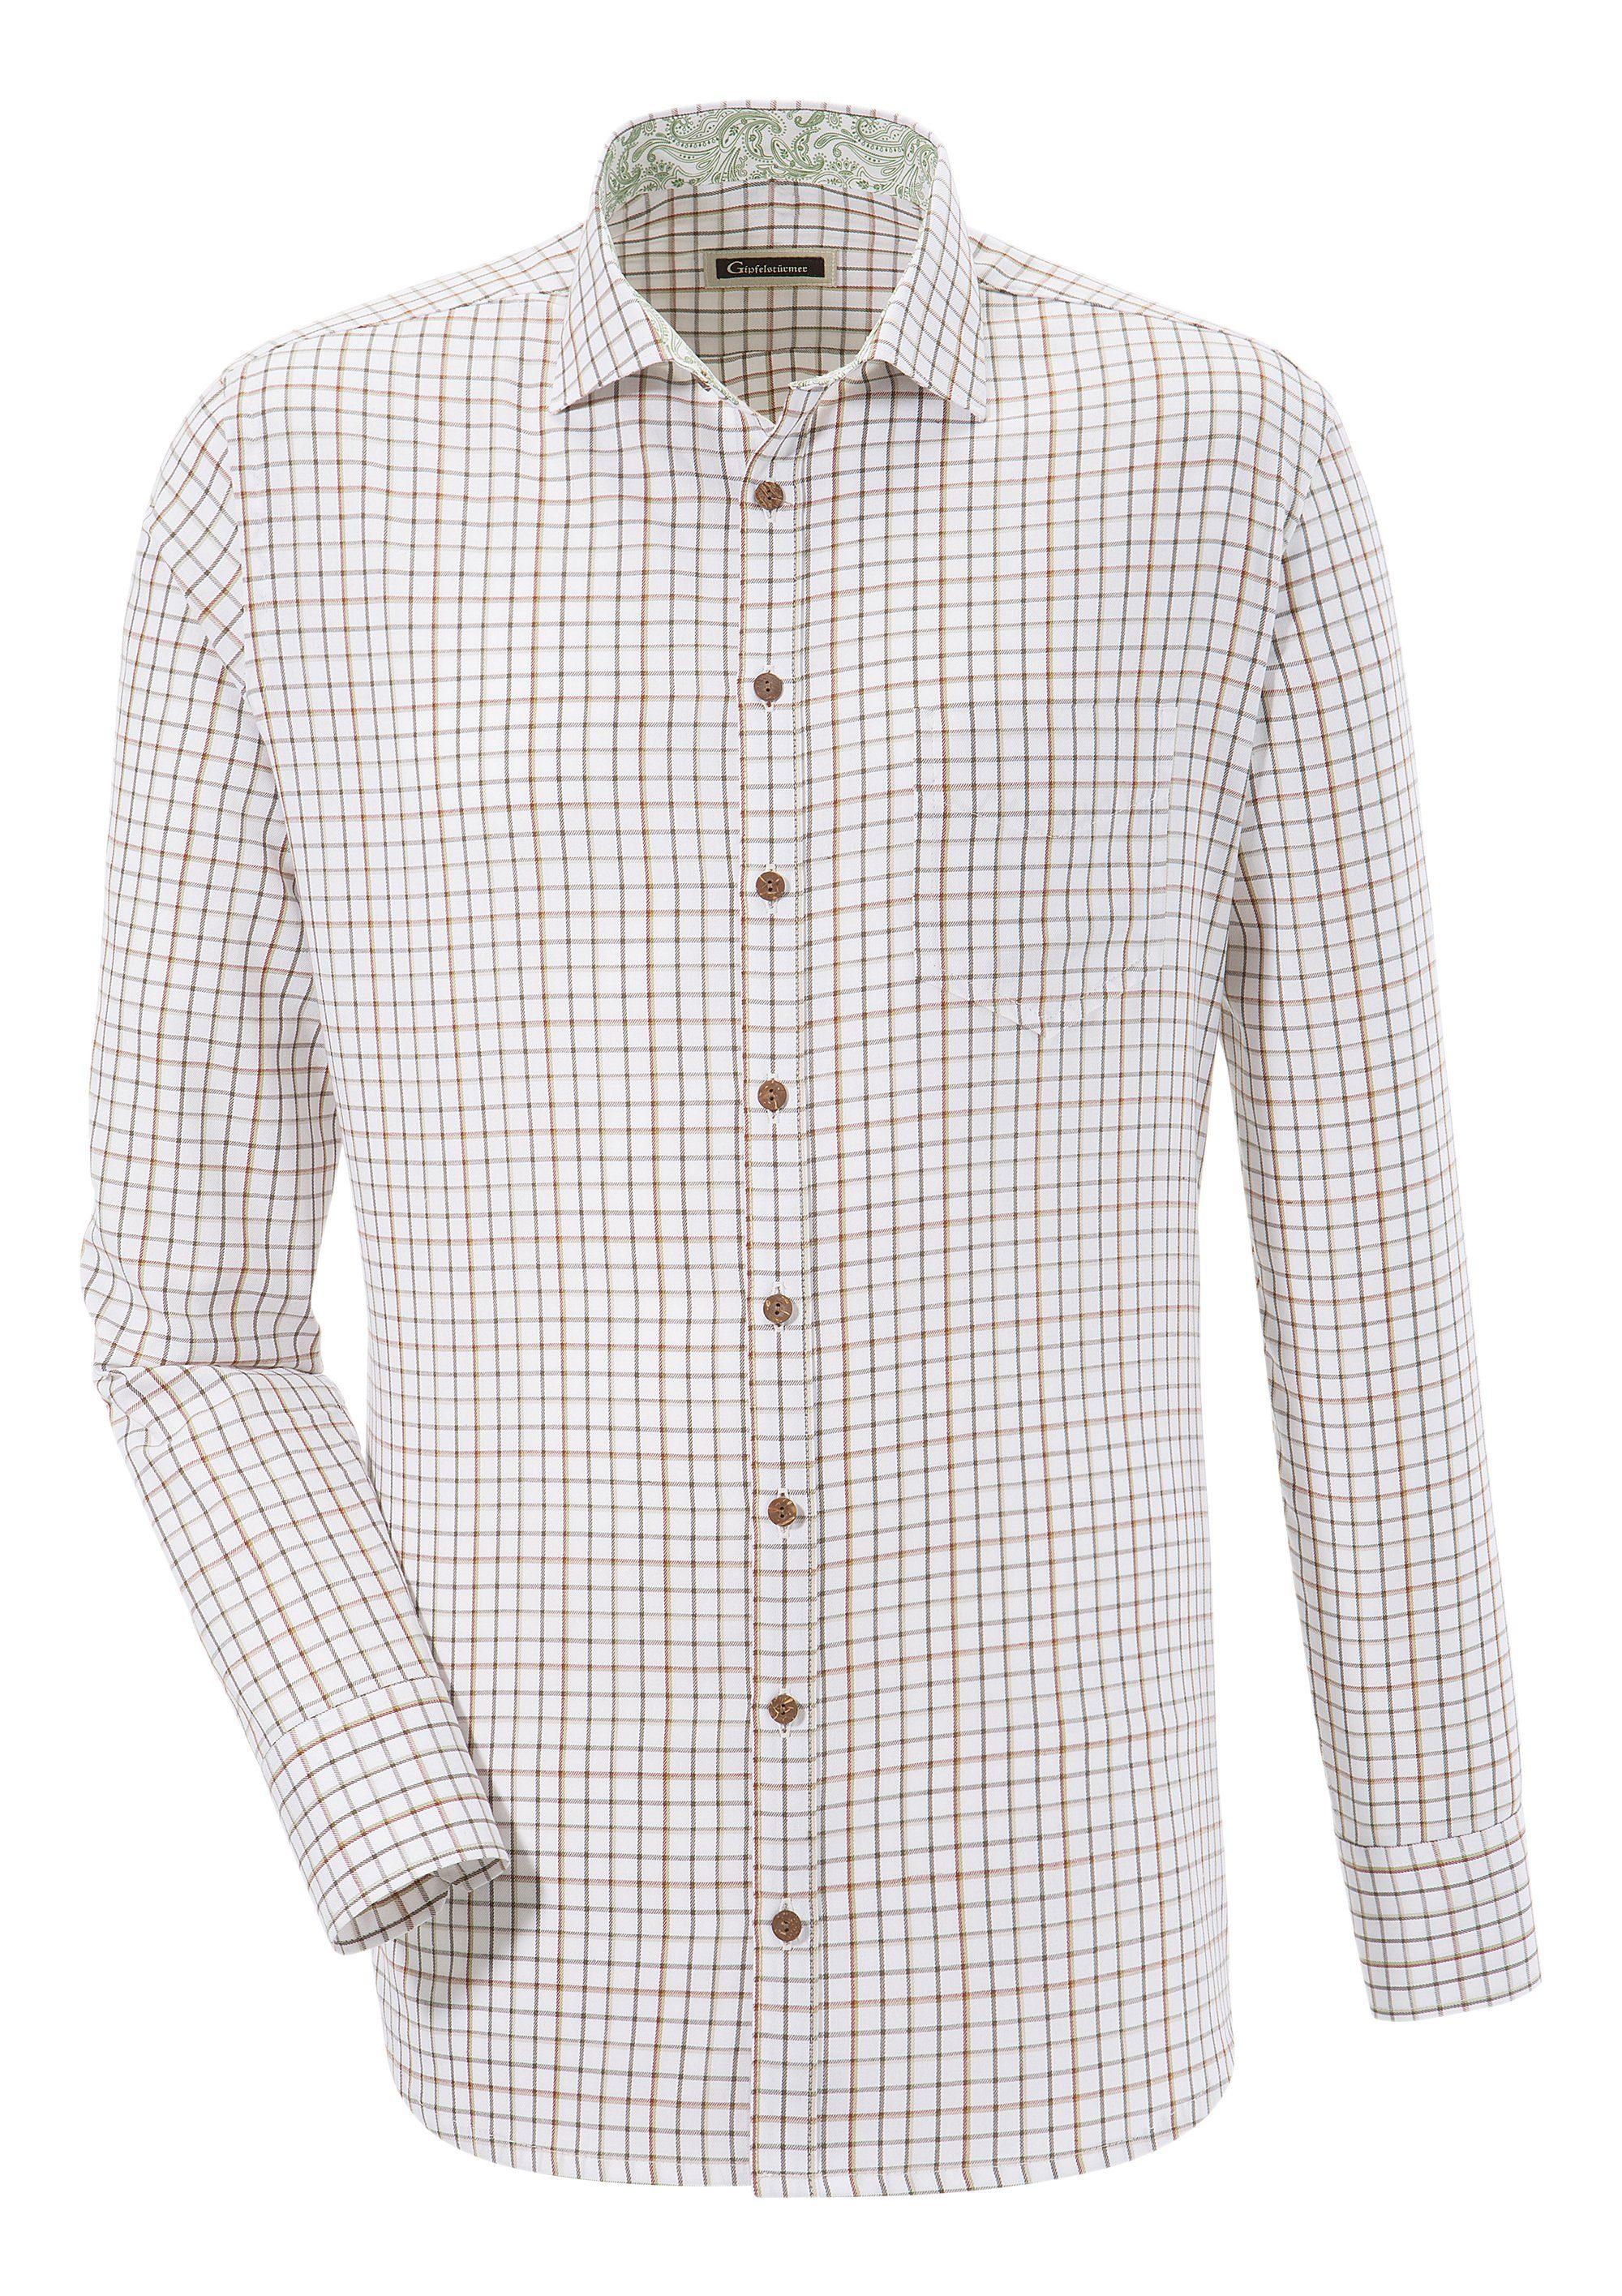 OS-Trachten Trachtenhemd in denzentem Karo-Design | Bekleidung > Hemden > Trachtenhemden | Os-Trachten